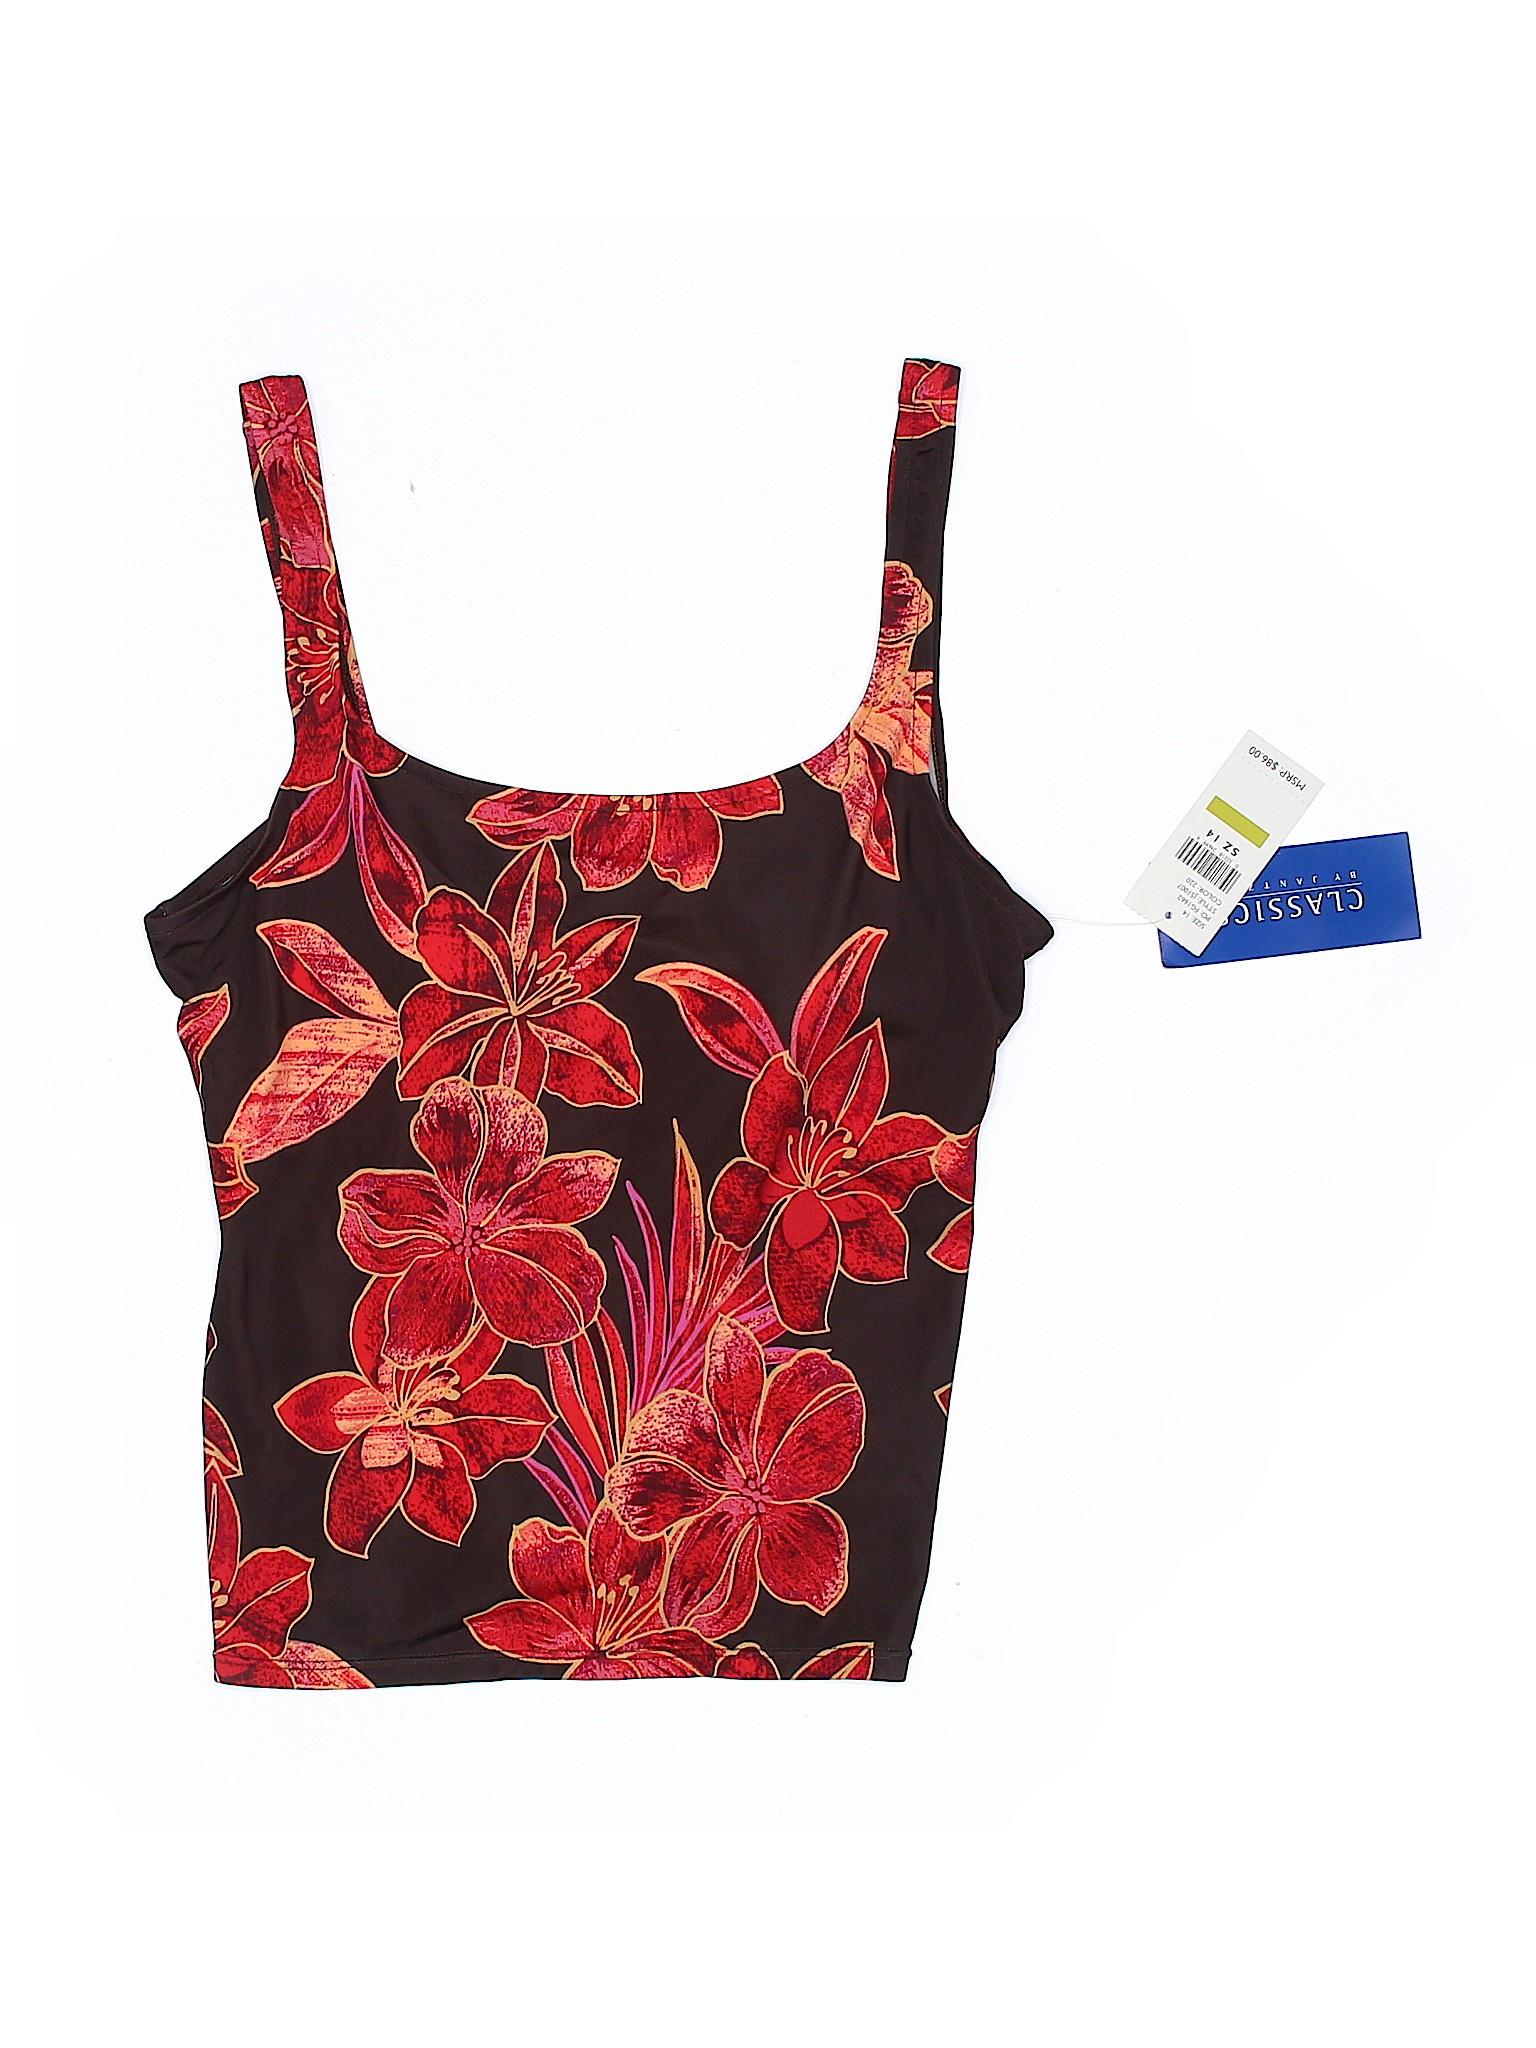 Top Boutique Swimsuit Jantzen Classics by B6qz61